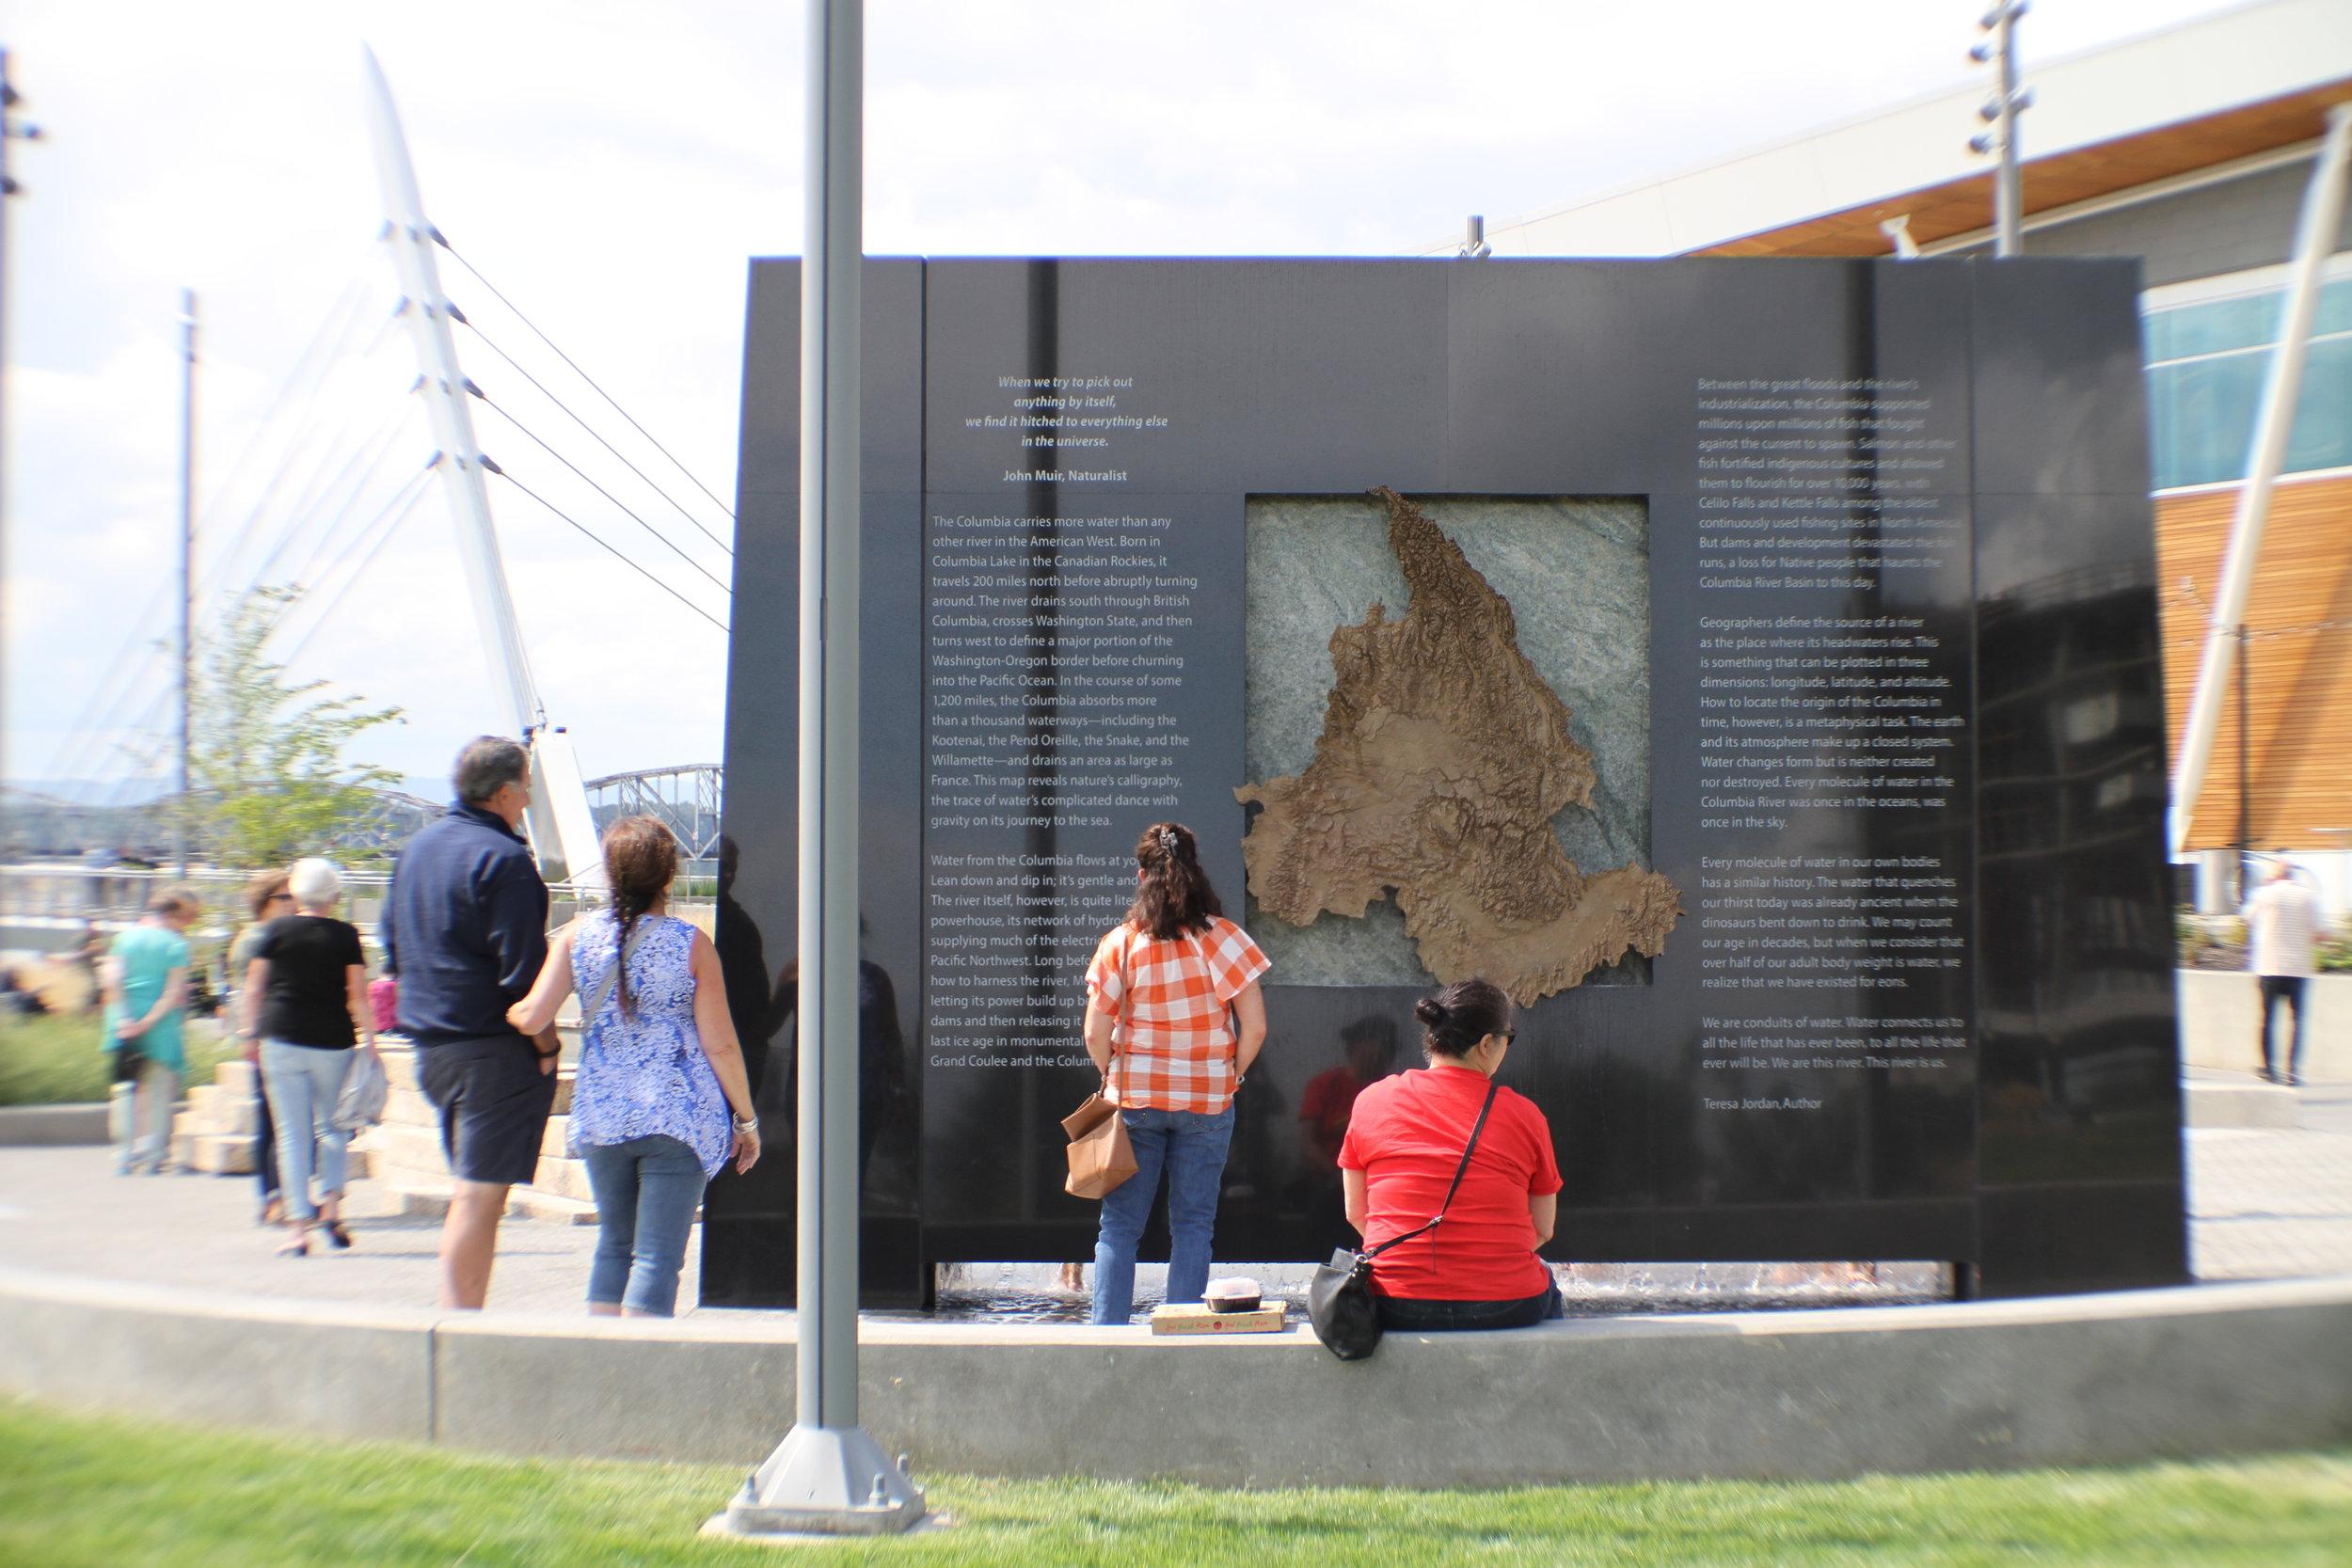 vancouver_waterfront park fountain_larry kirkland_public art services_j grant projects_30.JPG